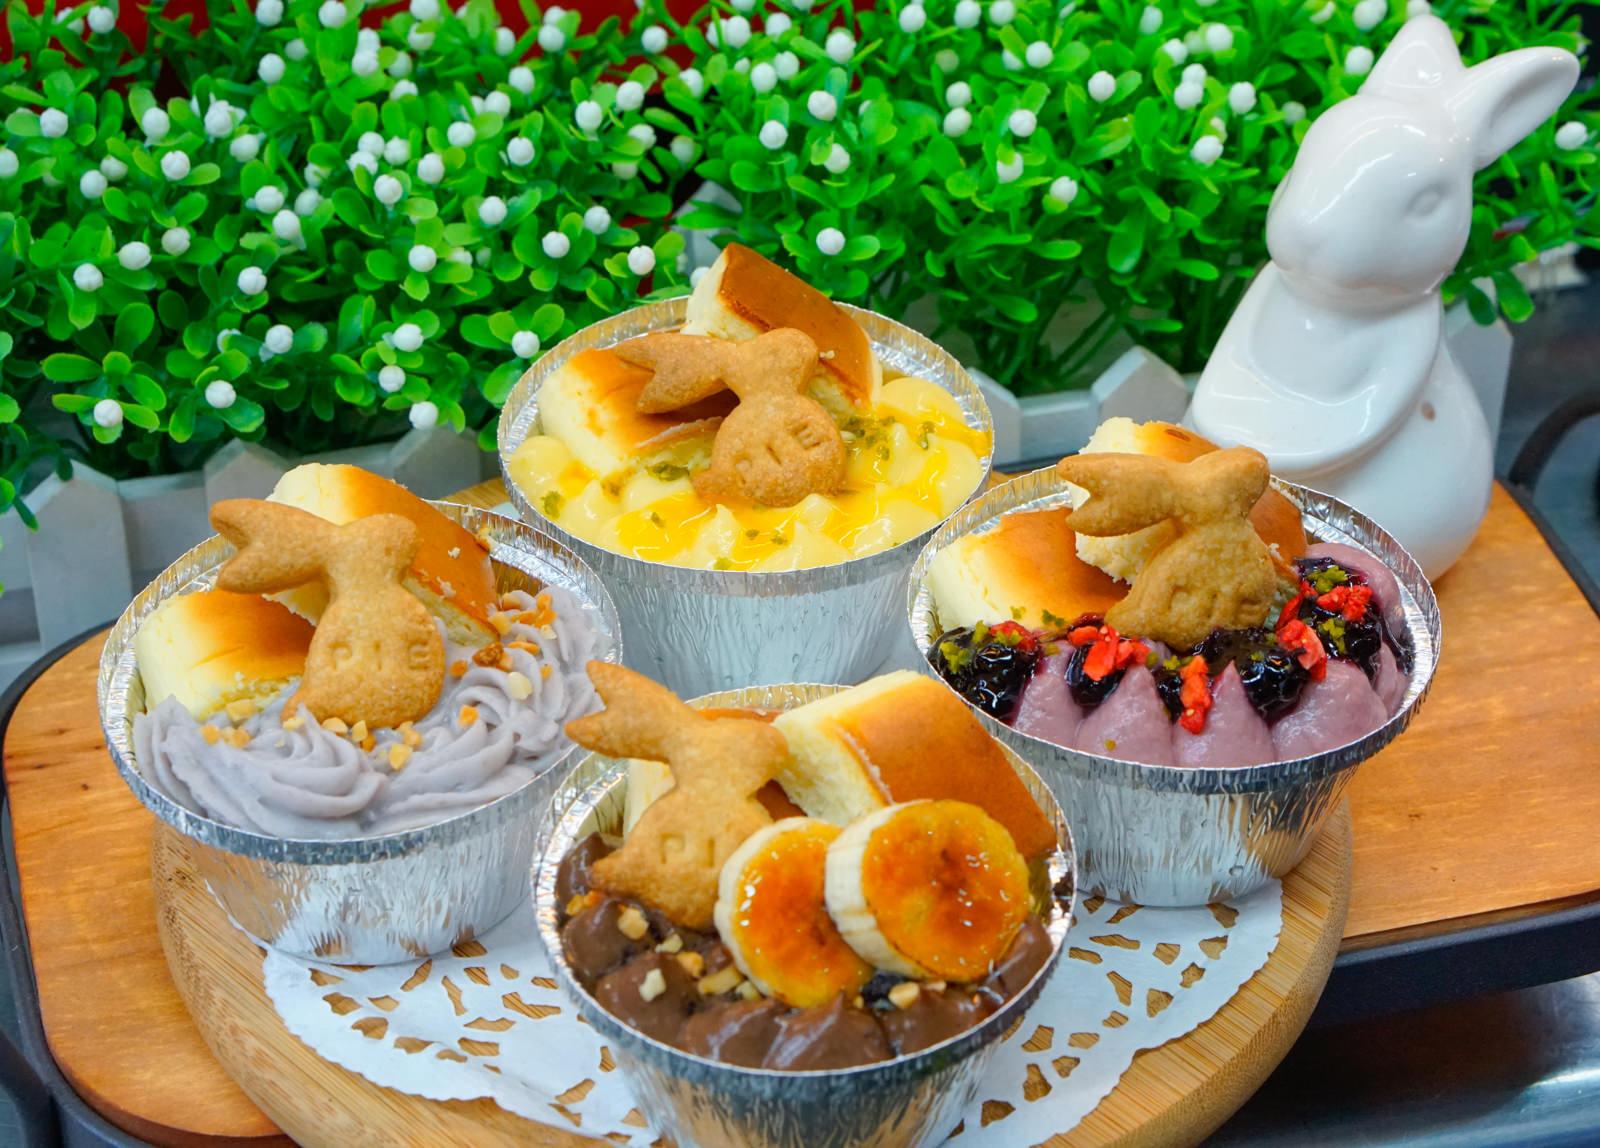 [高雄]吃派對pieparty手作鹹派布蕾甜塔-超限量!萌翻天多種口味重乳酪蛋糕布蕾 停不了的少女系甜點 高雄甜點推薦